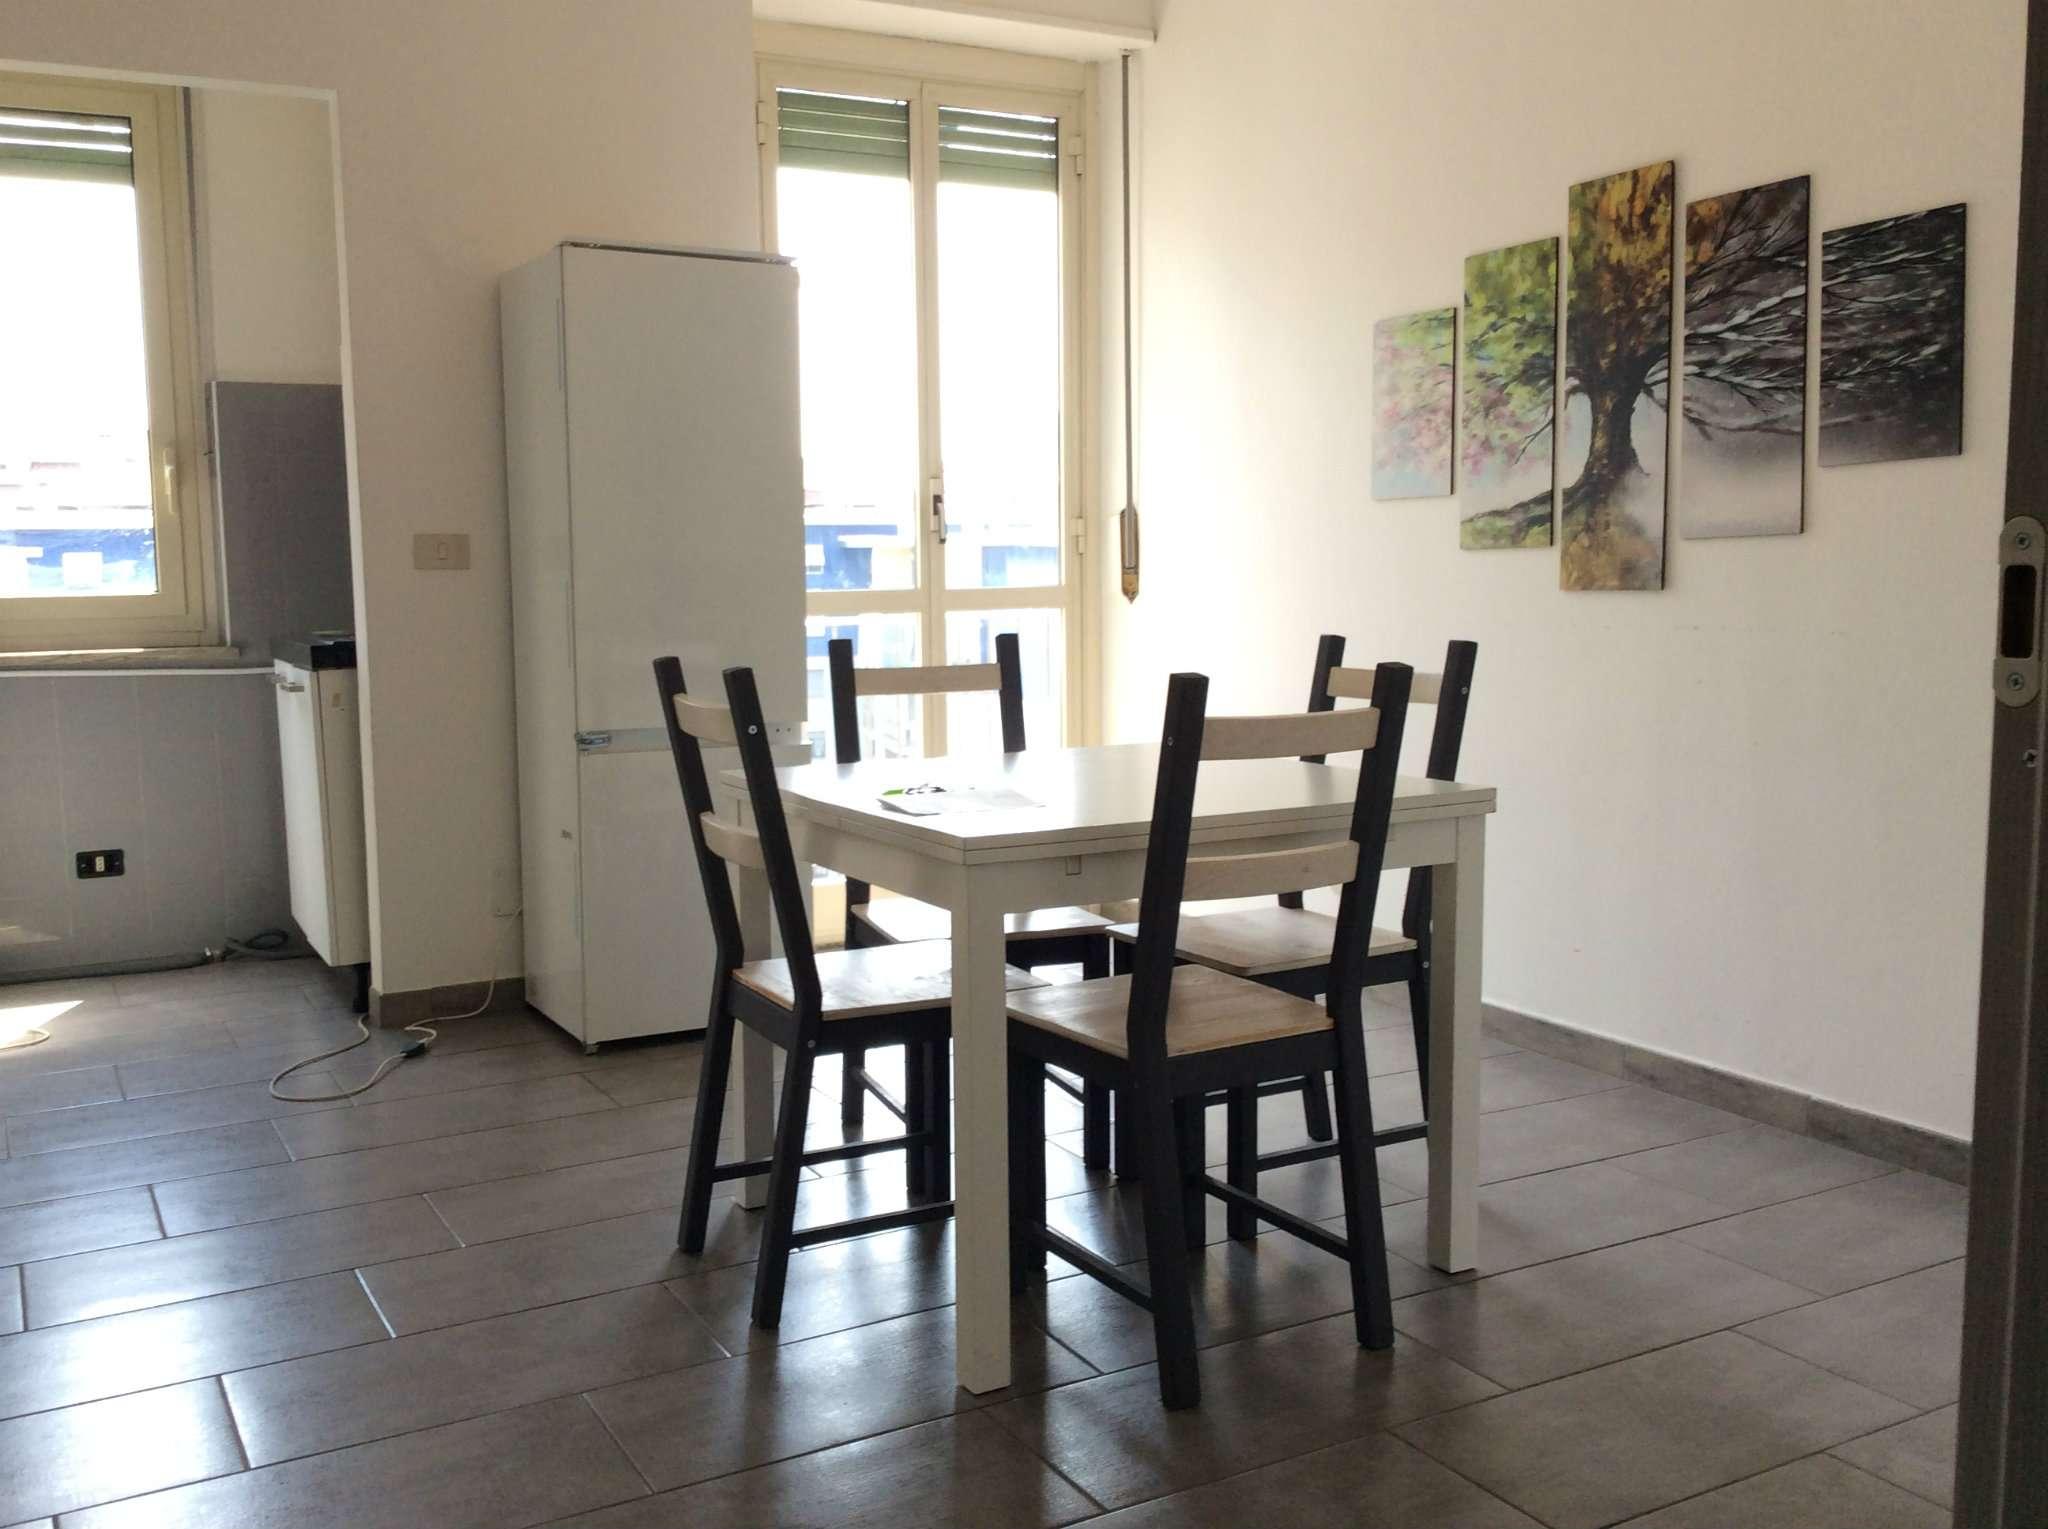 Vendita - Appartamento - Torino - SANTA RITA VIA TRIPOLI TRILOCALE RISTRUTTURATO EURO 128.000